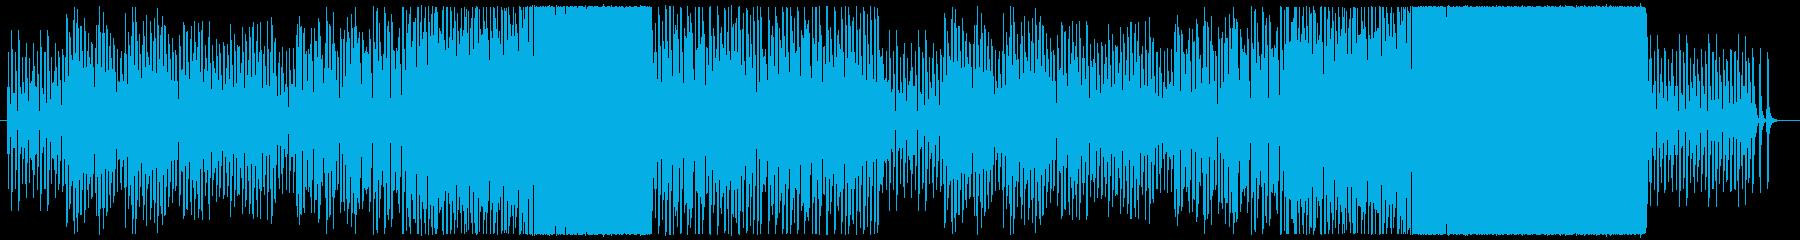 ほのぼの軽快ファンタジー風セミクラシックの再生済みの波形